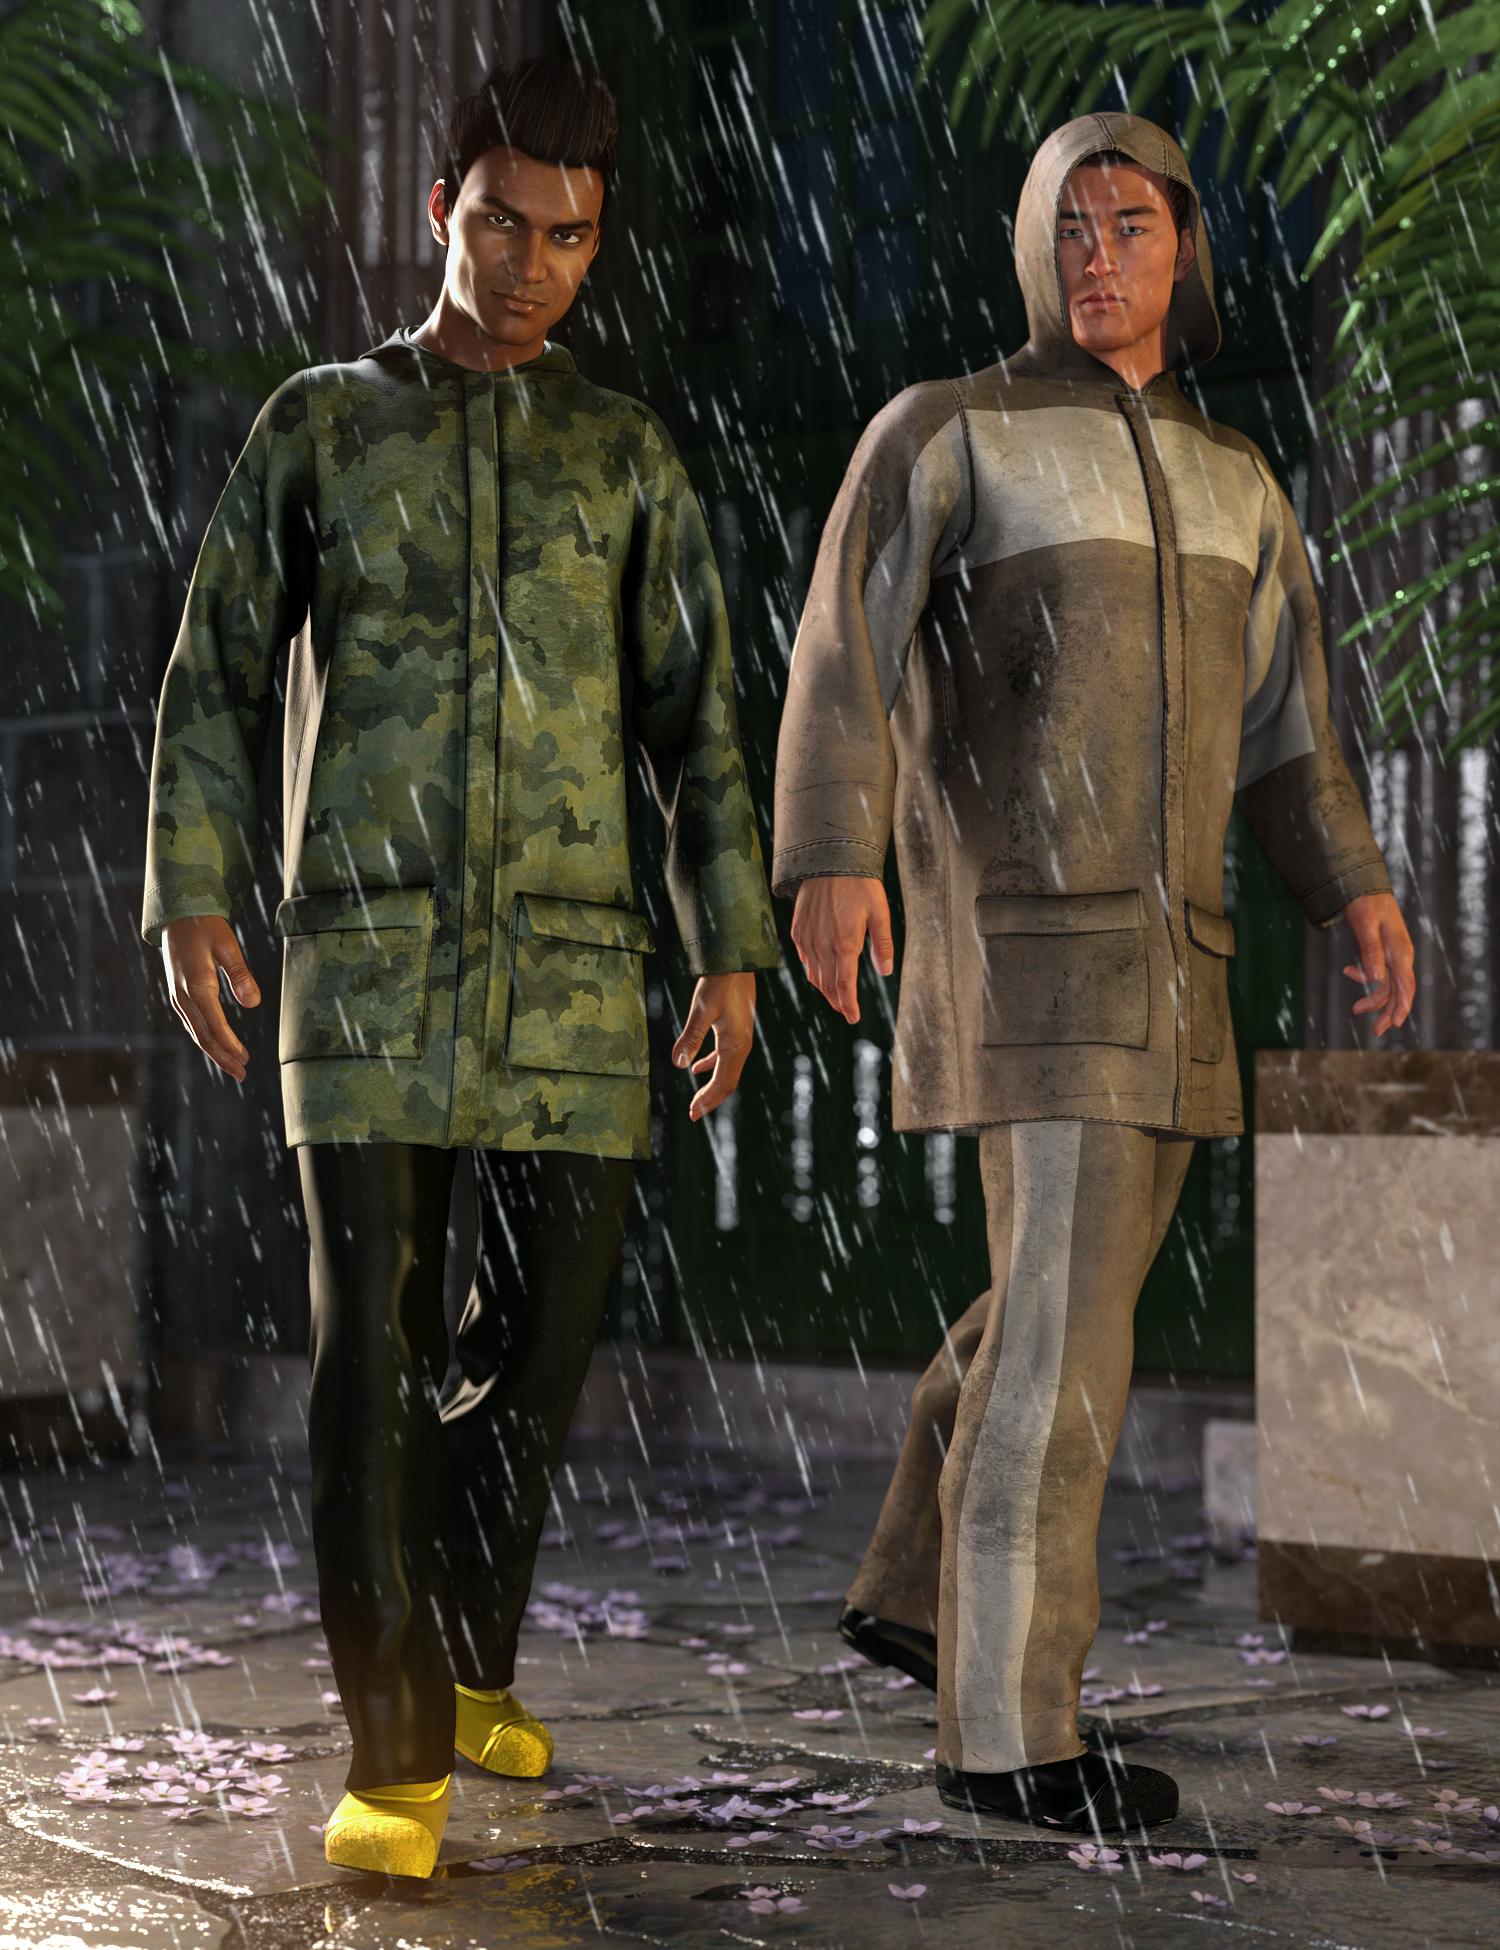 dForce Wet Weather Gear: Steward by: Shox-Design, 3D Models by Daz 3D